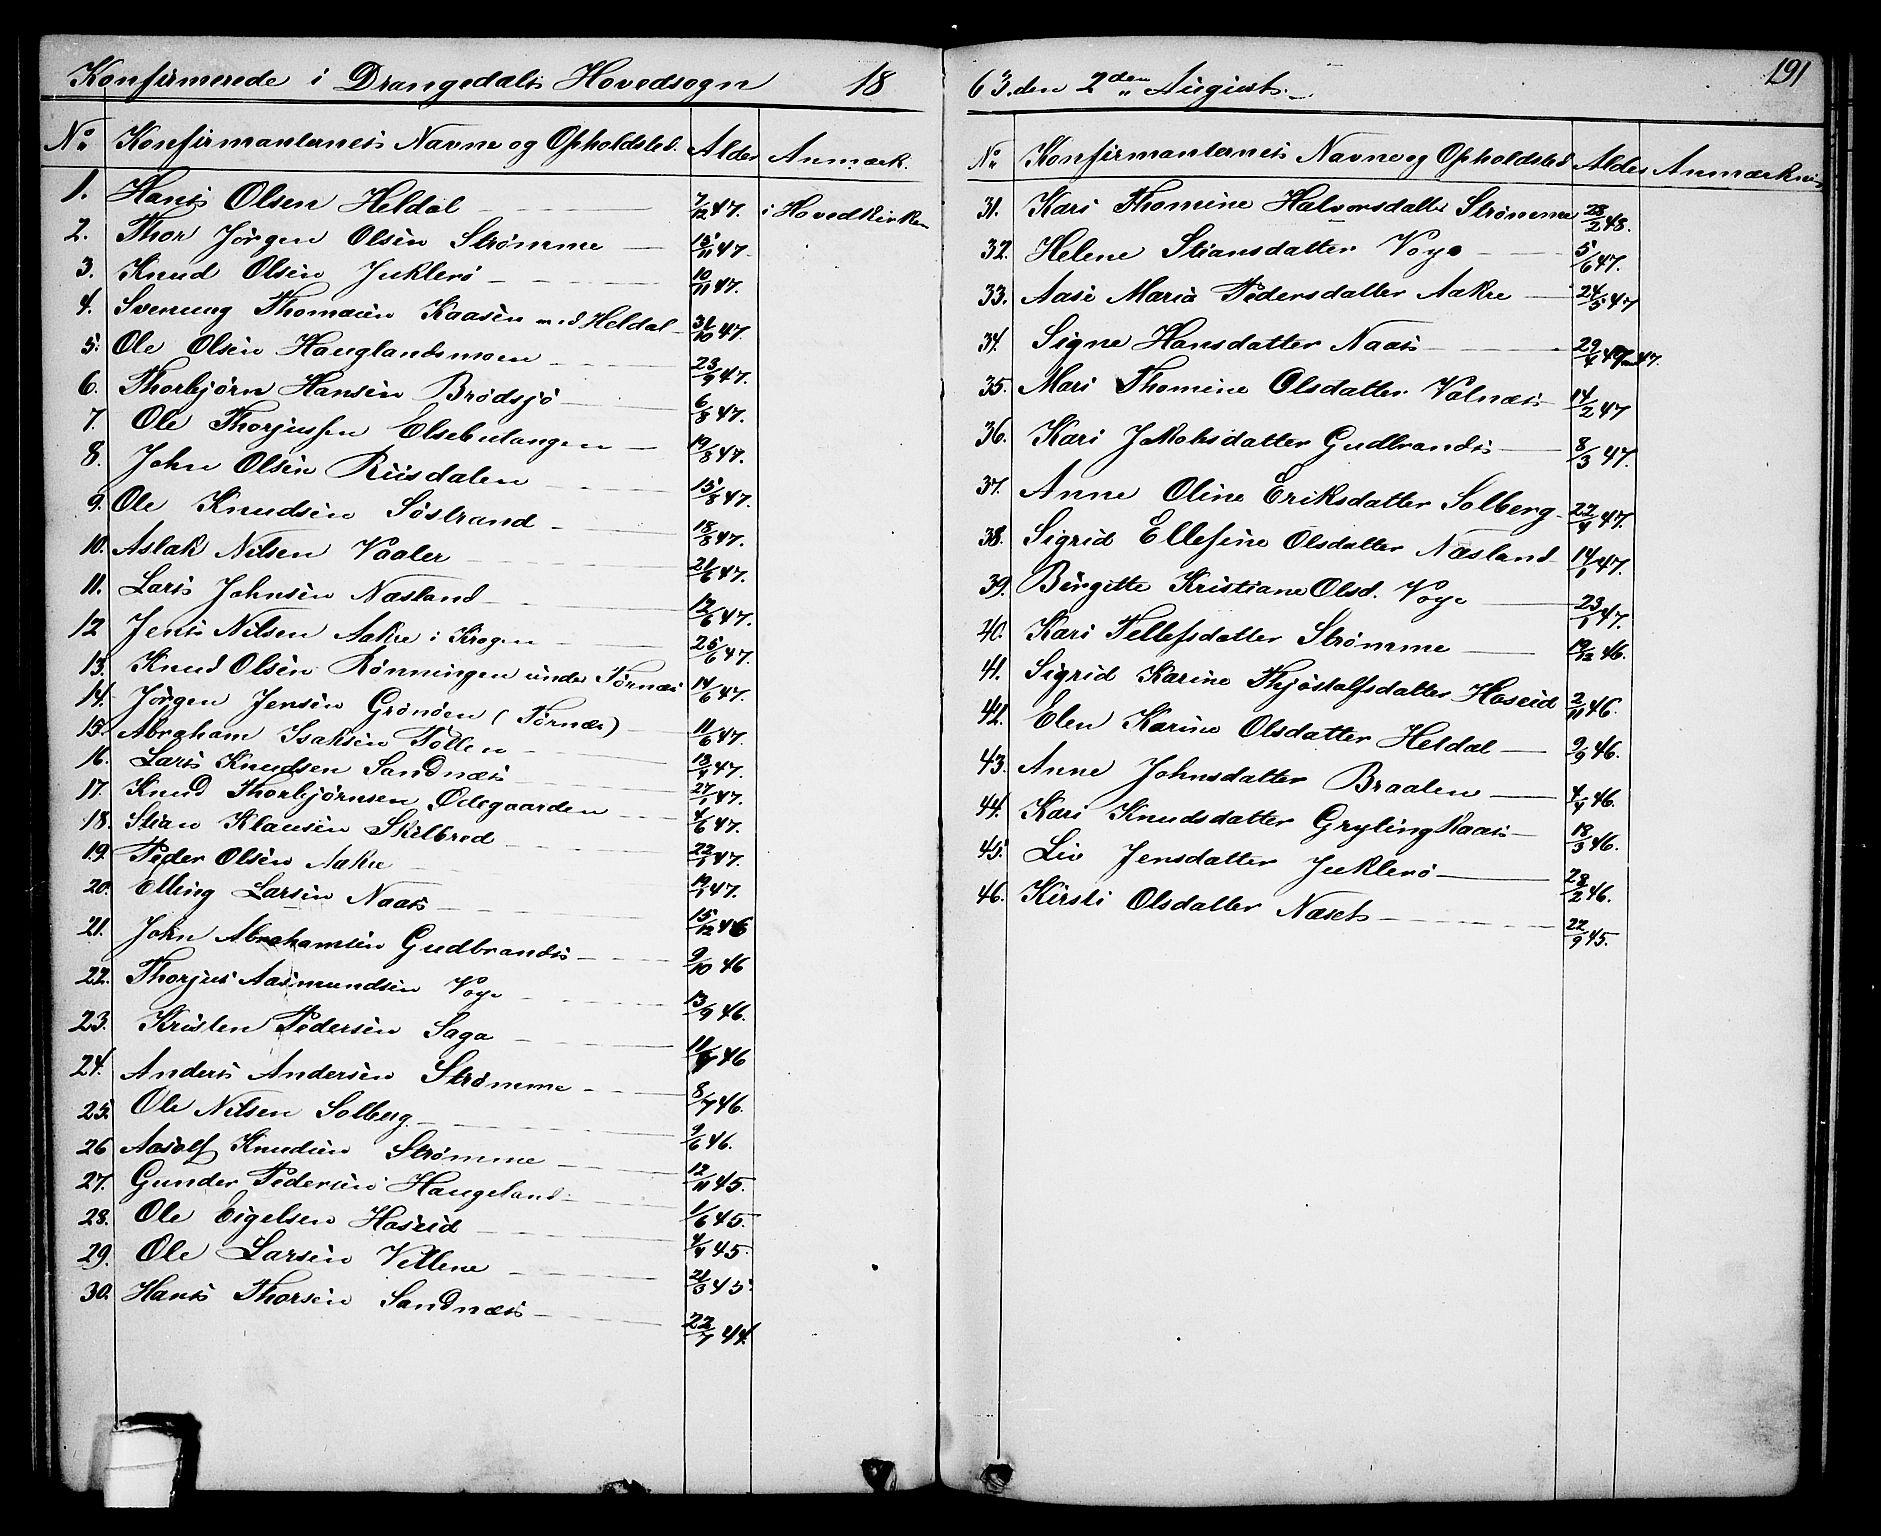 SAKO, Drangedal kirkebøker, G/Ga/L0002: Klokkerbok nr. I 2, 1856-1887, s. 191